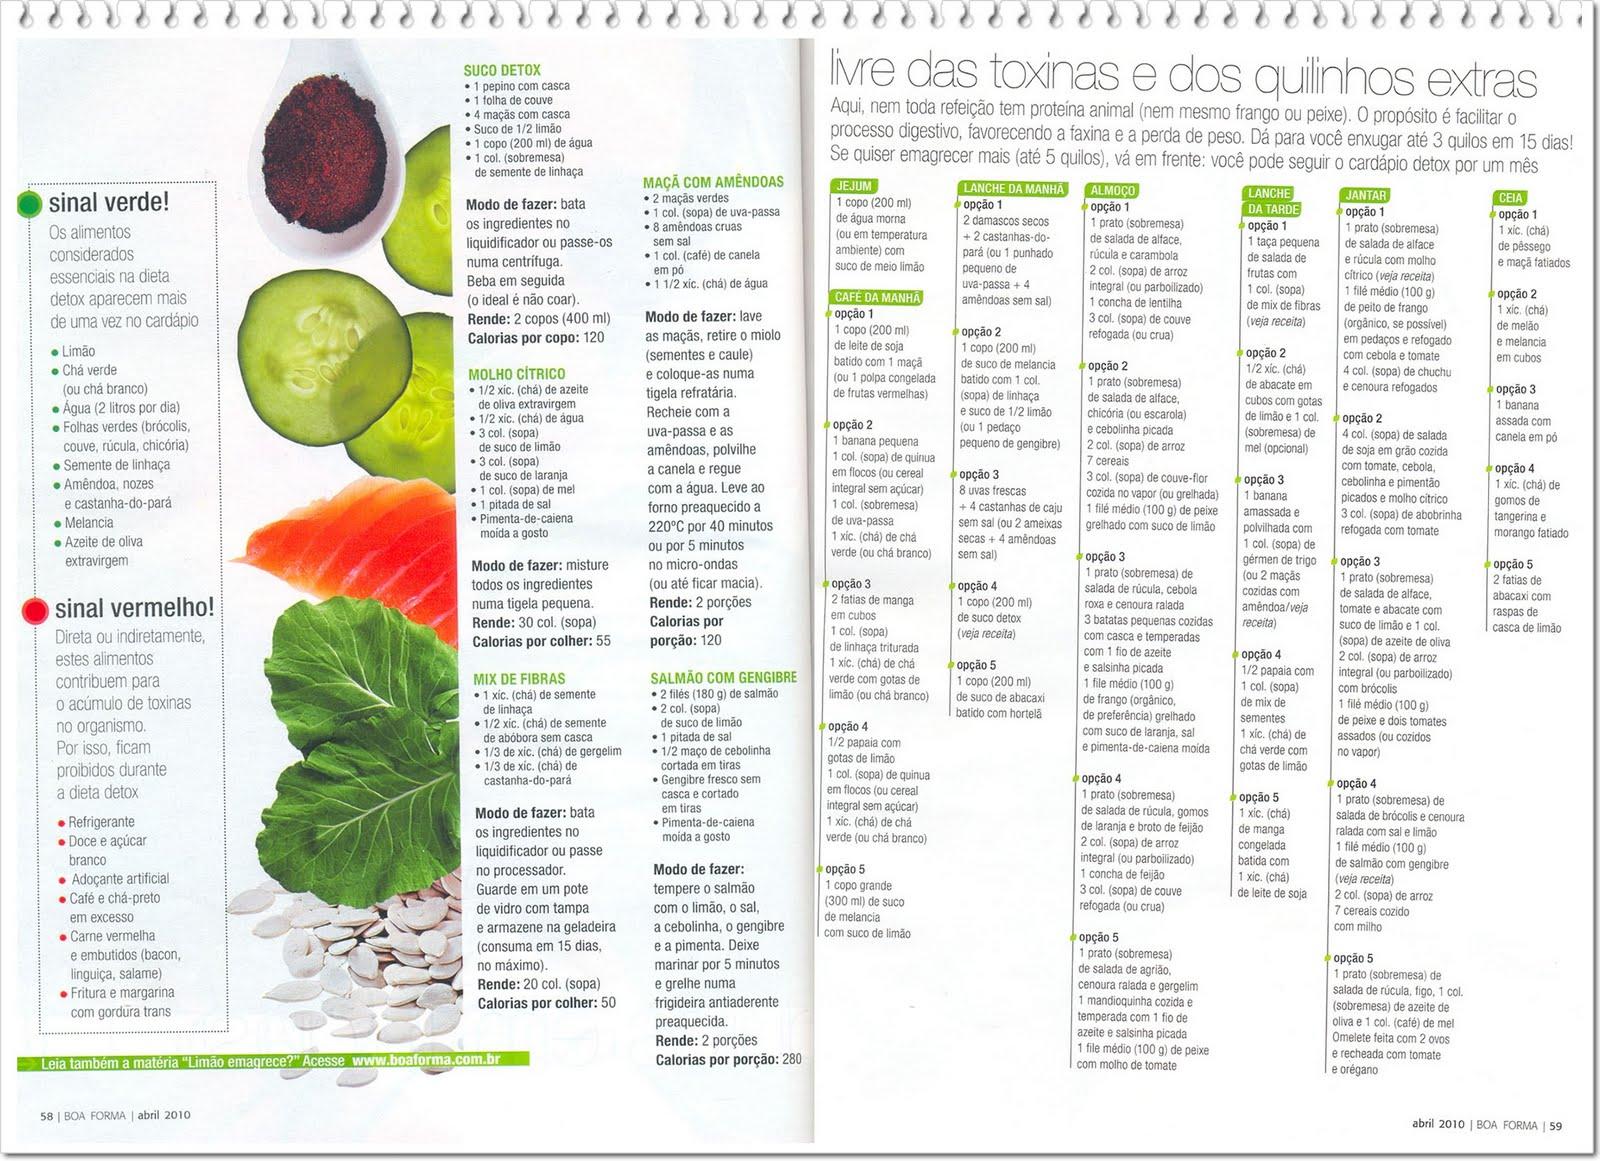 Dieta detox para dos dias